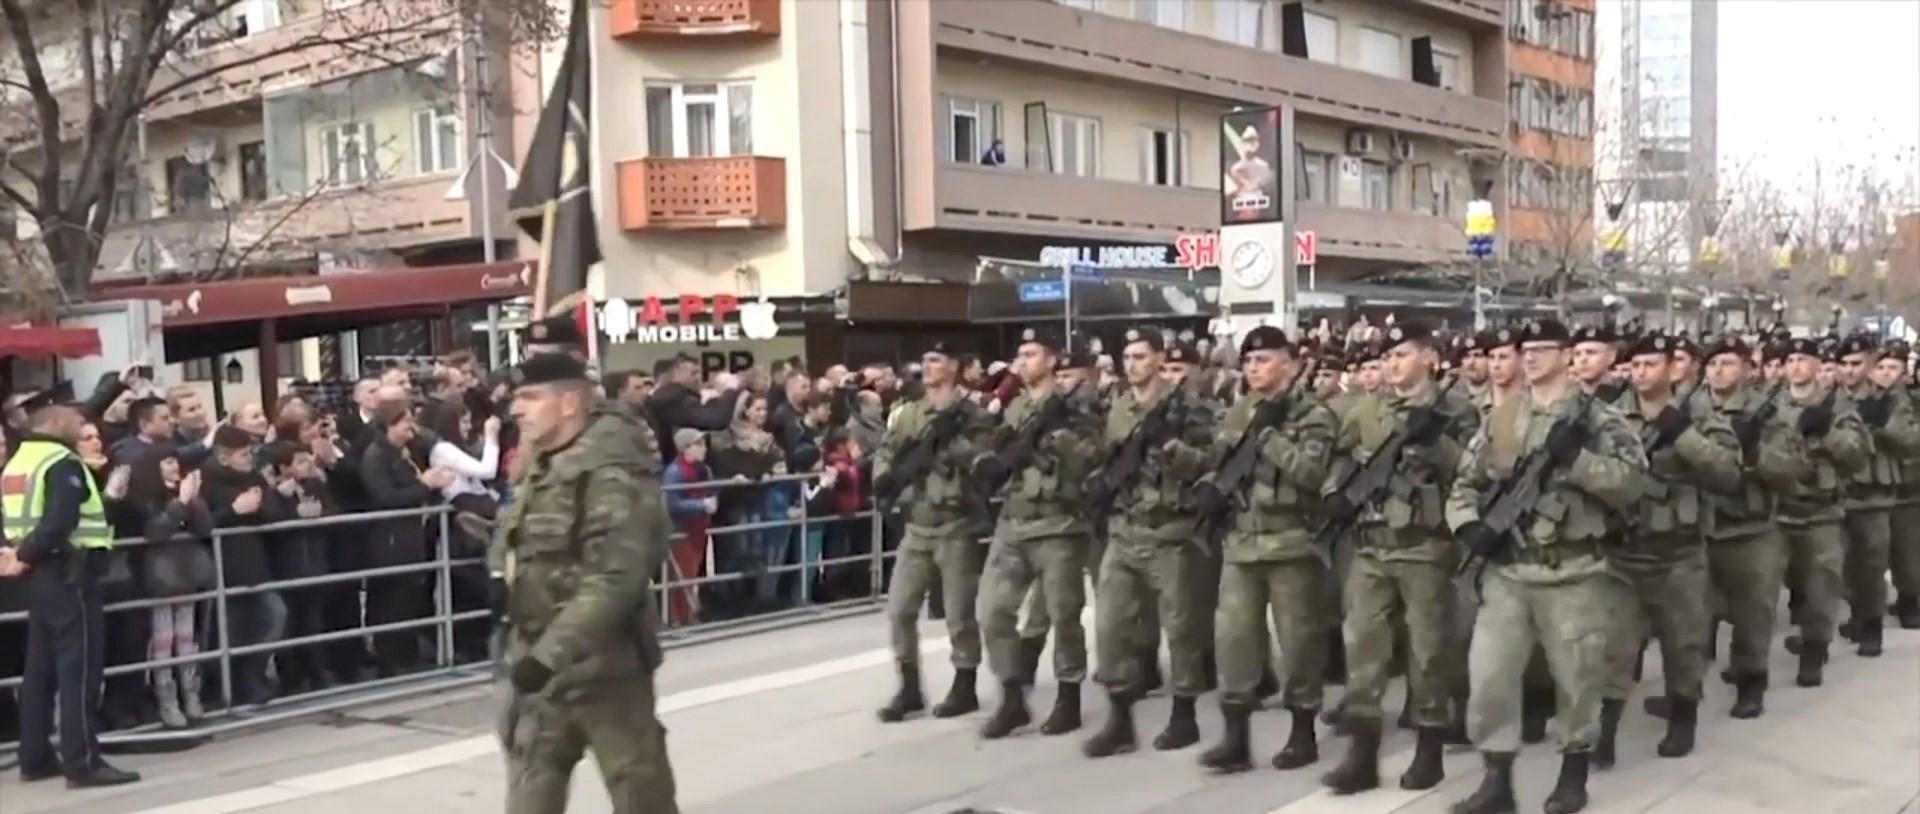 Ushtria e Kosovës, befason Ankaraja: Mos merrni vendime të nxituara